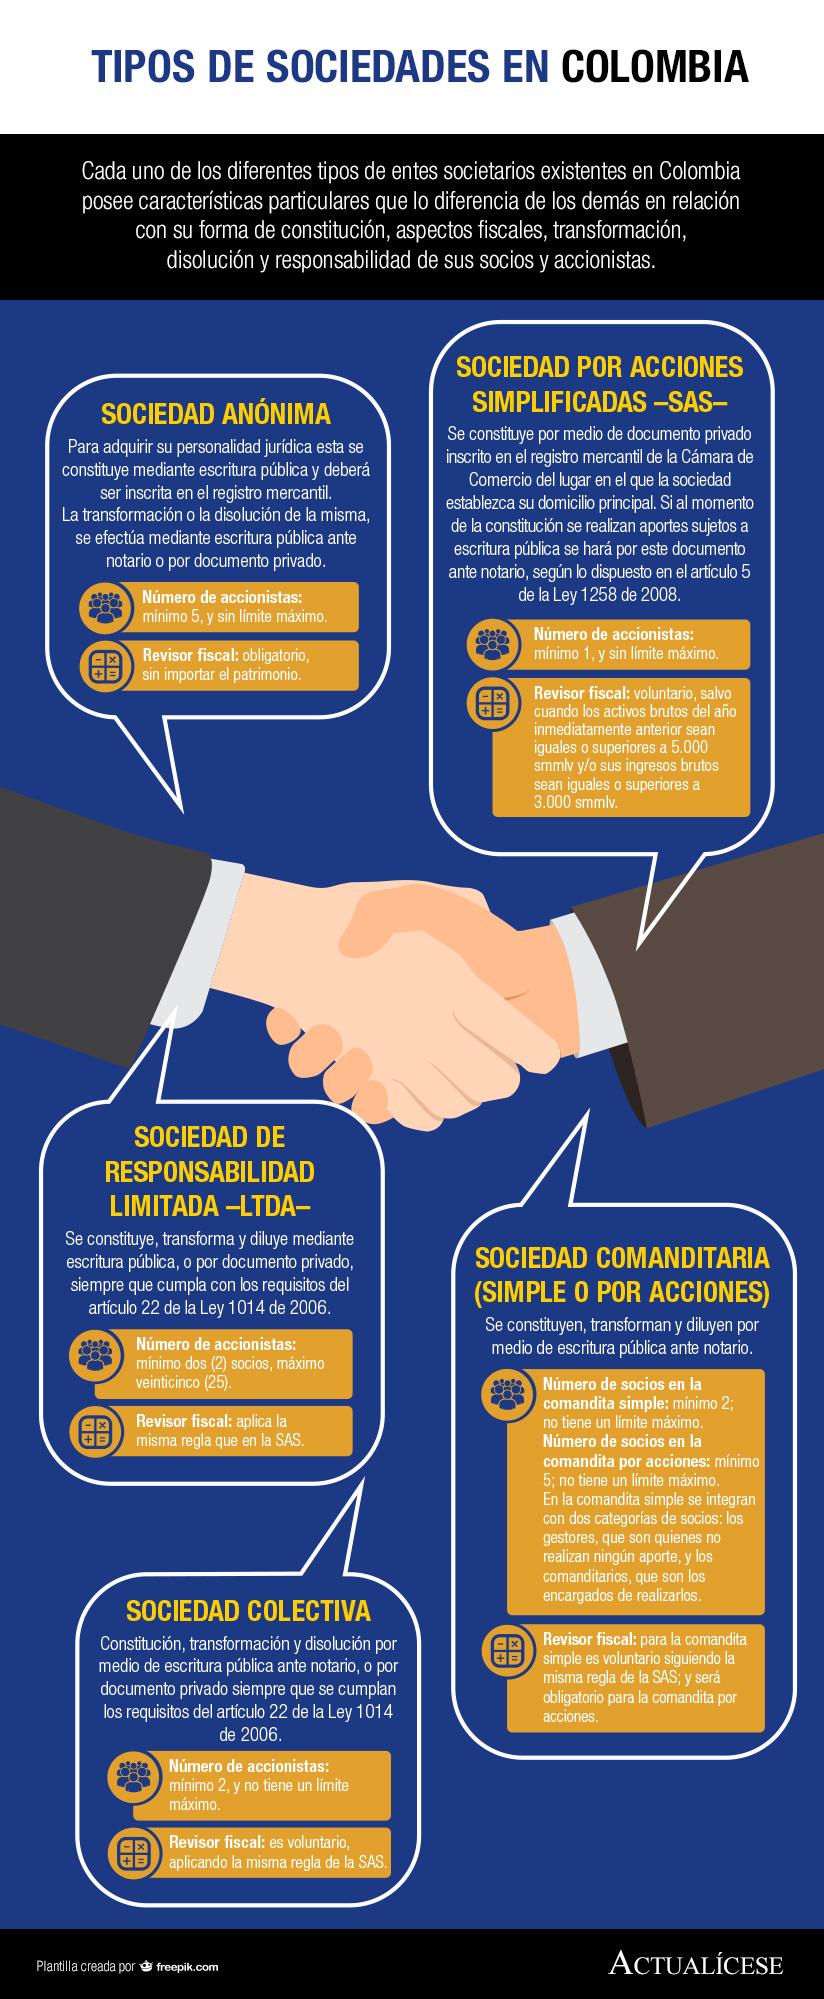 [Infografía] Tipos de sociedades en Colombia